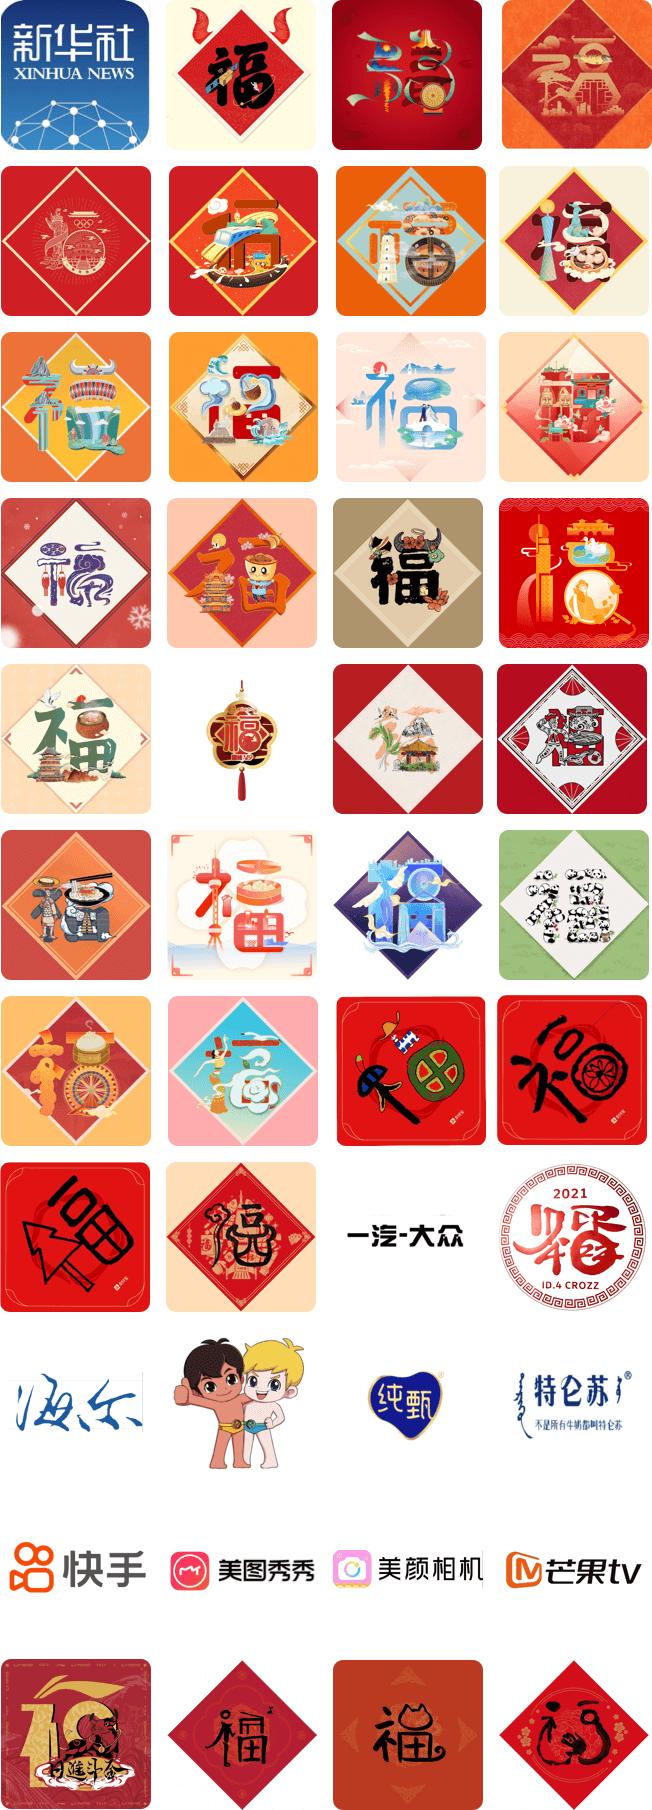 集五福H5游戏